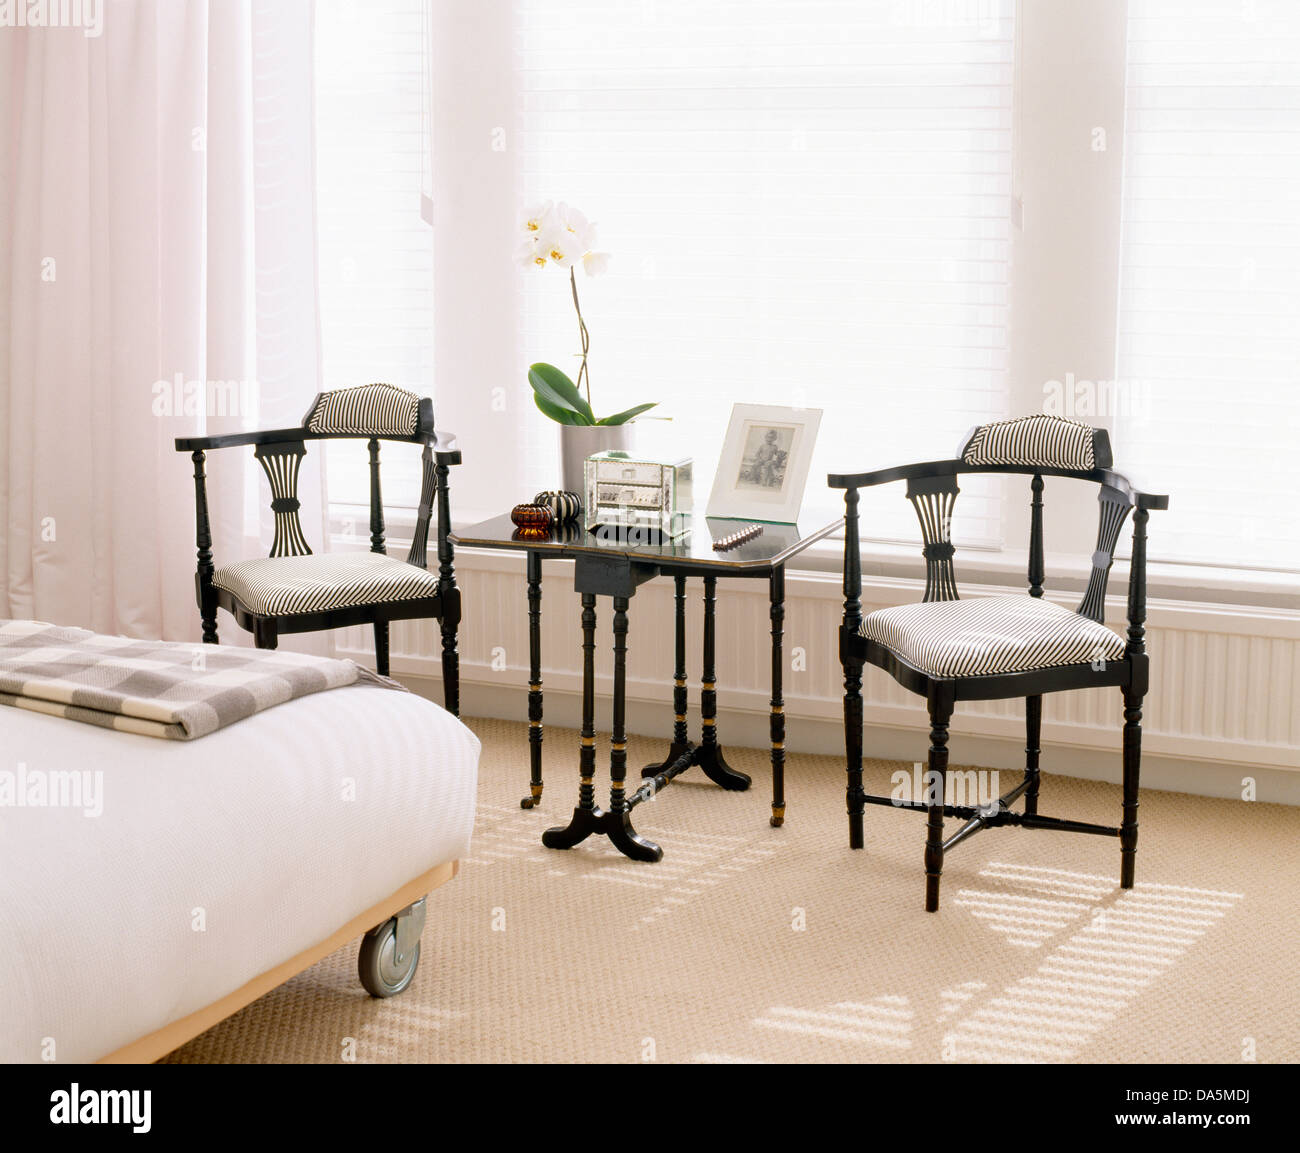 Mobilier de style édouardien chaises et petite table en face de la fenêtre dans la maison moderne chambre avec lit double sur roulettes